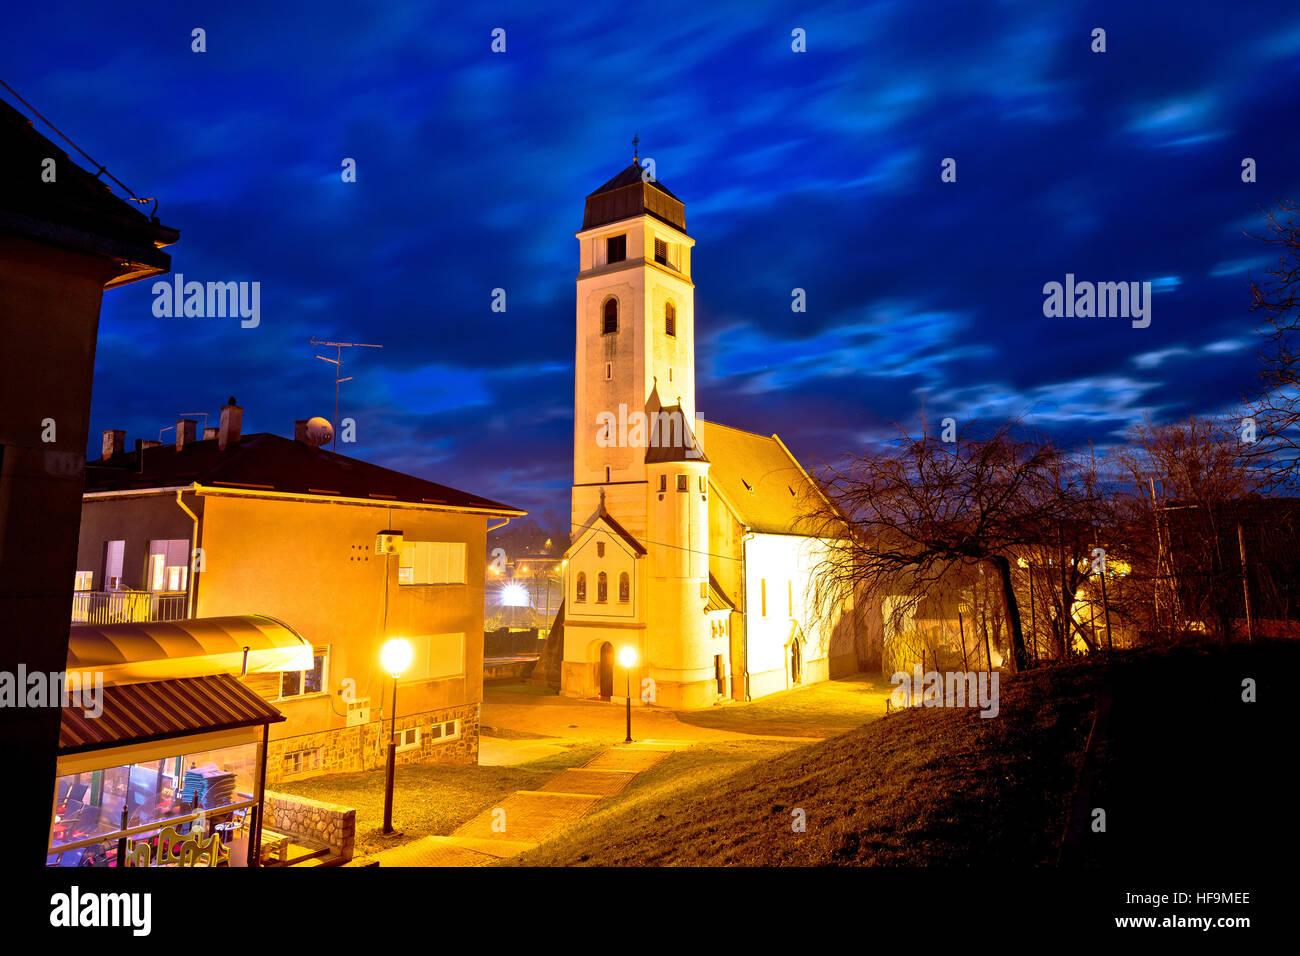 Krizevci histórica catedral noche ver, Prigorje región de Croacia Imagen De Stock